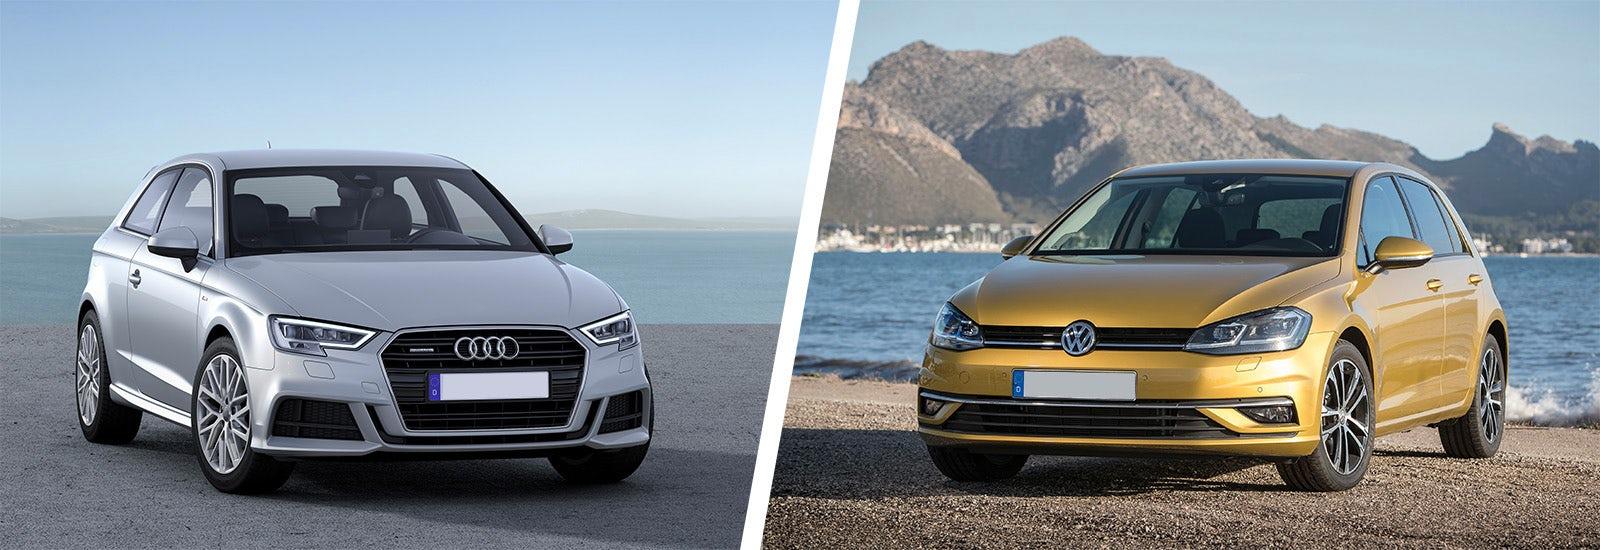 Audi A3 Vs A4 >> Audi A3 vs VW Golf – side-by-side comparison | carwow